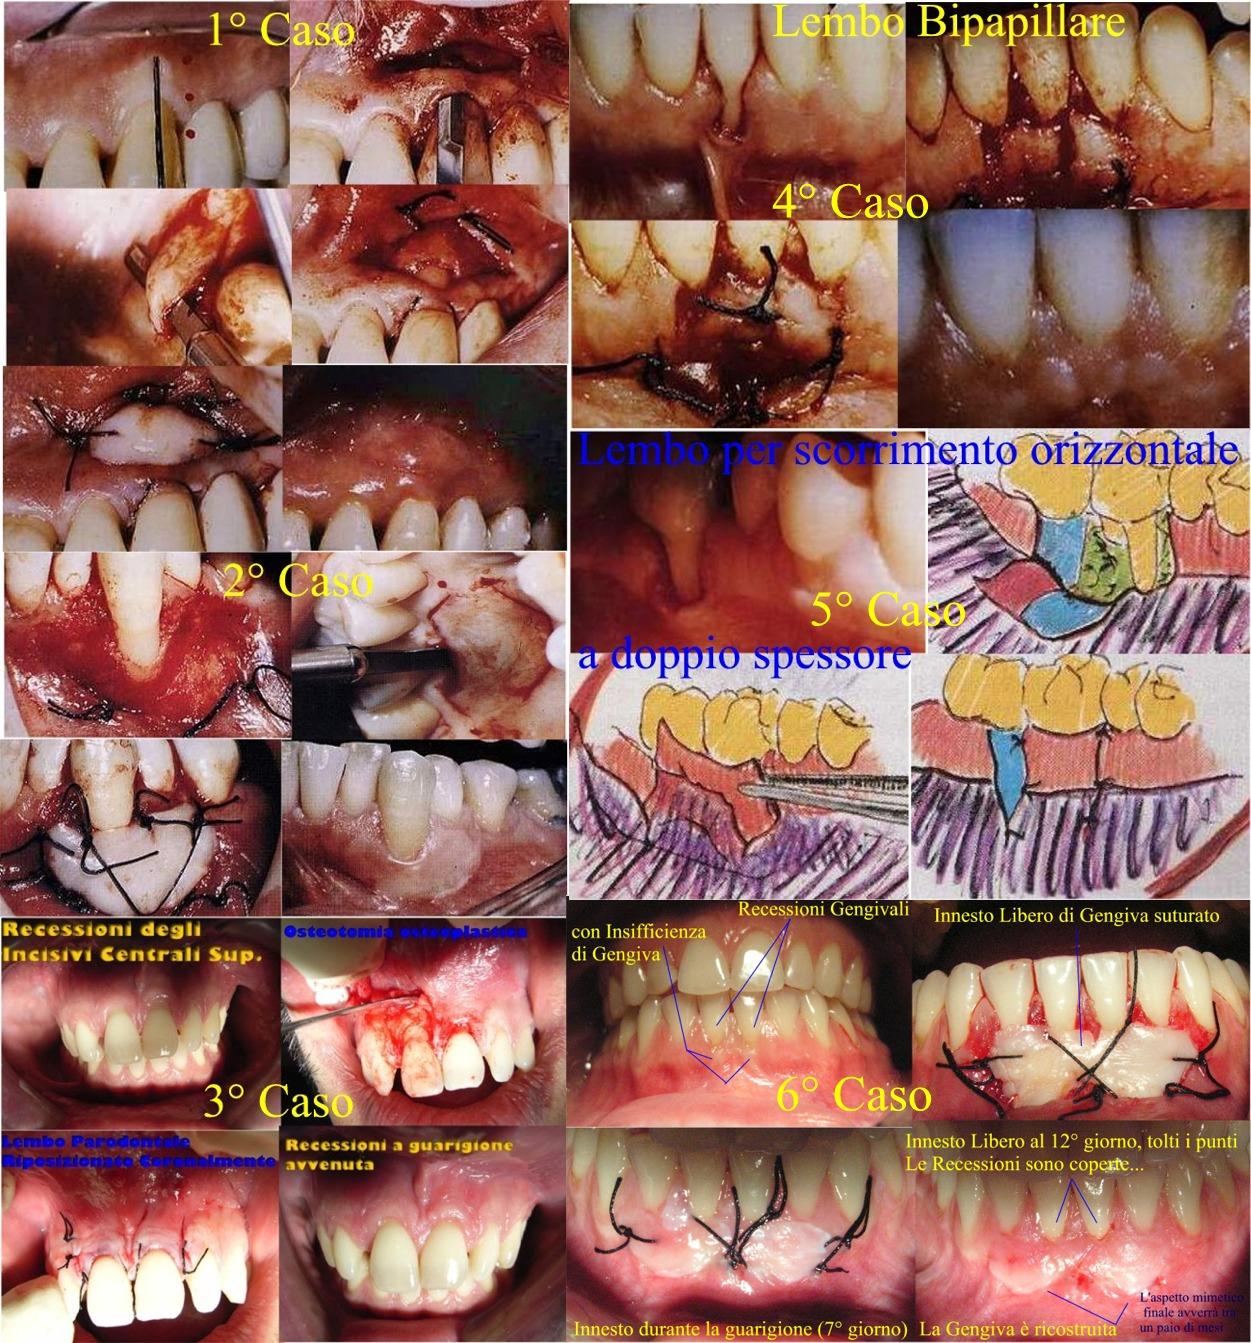 Recessioni Gengivali e diversi tipi di terapia chirurgica parodontale mucogengivale. Da casistica del Dr. Gustavo Petti Parodontologo di Cagliari